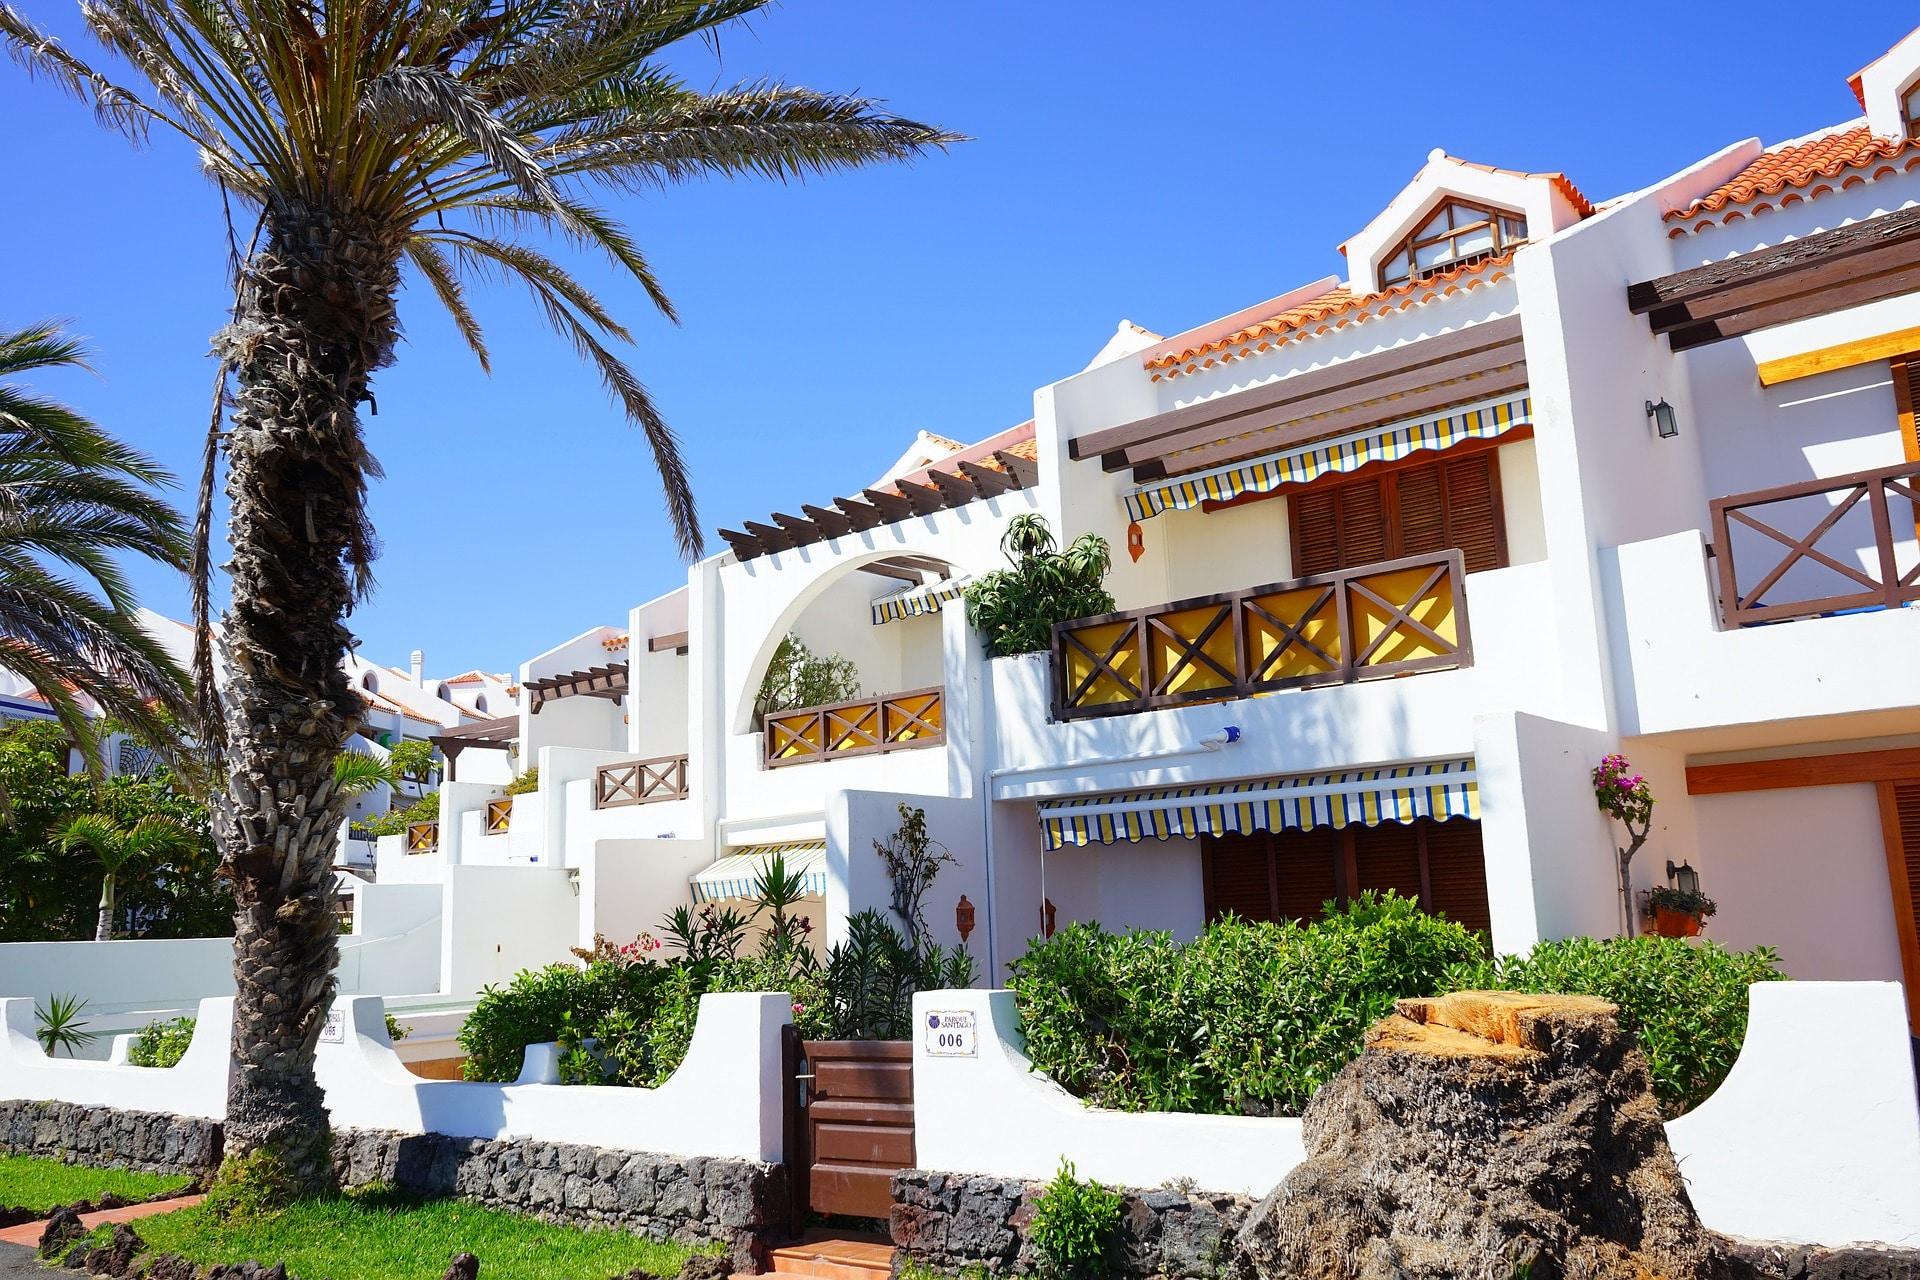 Tenerife-îles Canaries-dernière minute